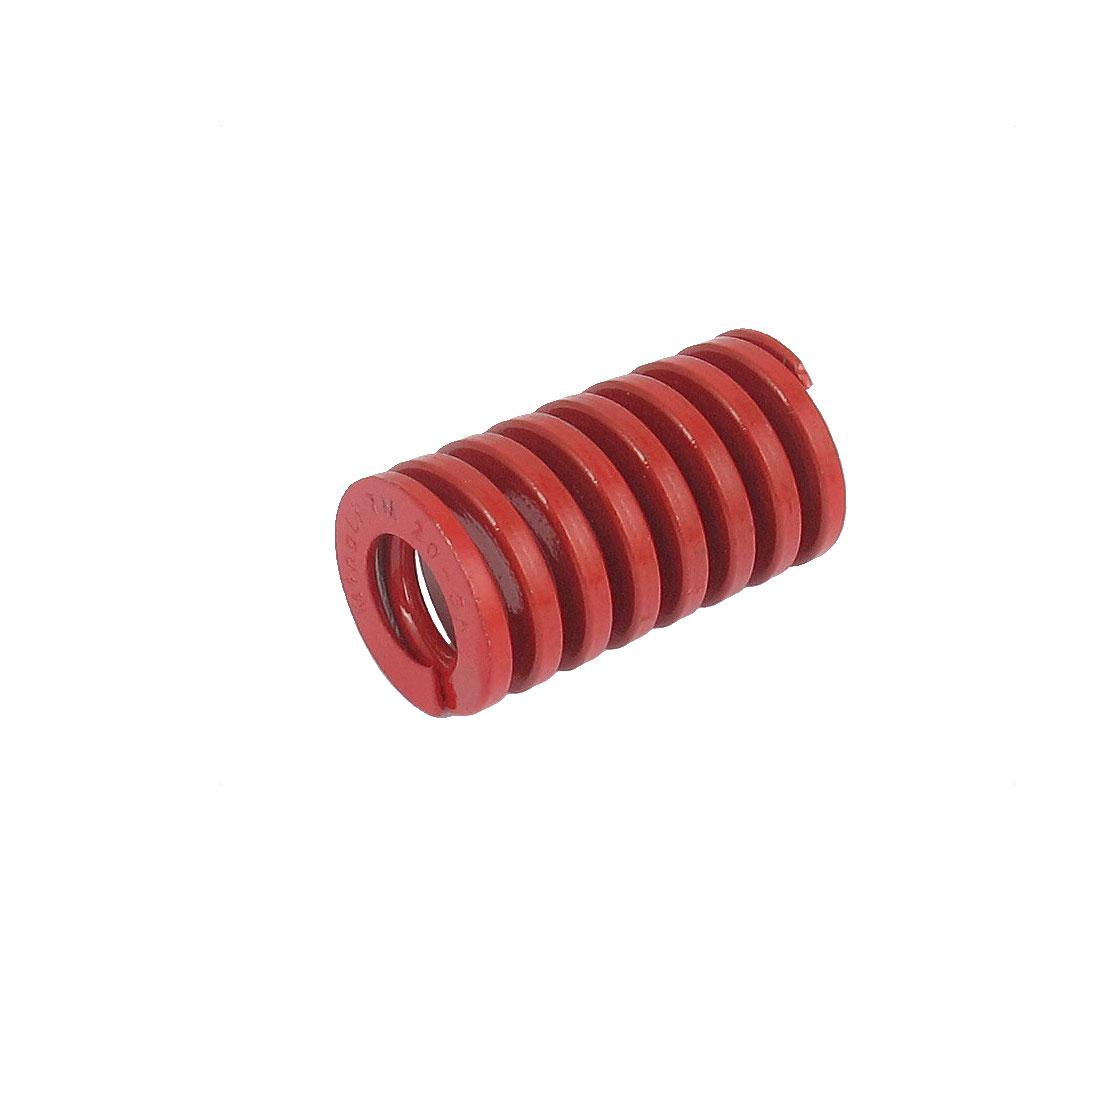 20mmx35mm Chromium Alloy Steel Medium Load Die Spring Red